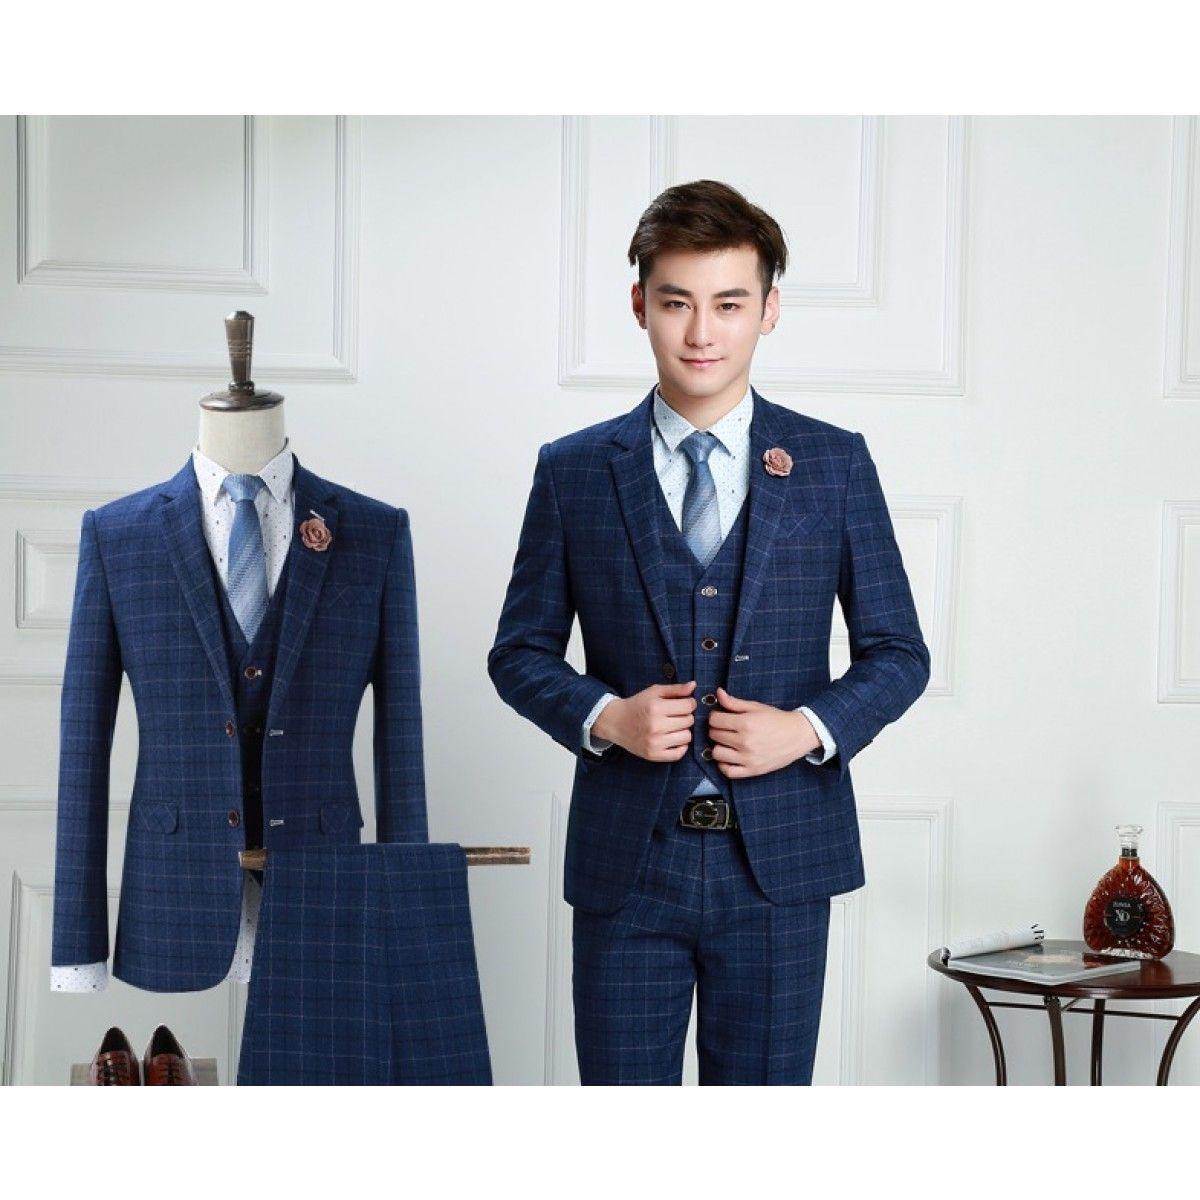 costume 3 pi ces carreaux cossais pour homme vintage habits pinterest costume costume. Black Bedroom Furniture Sets. Home Design Ideas